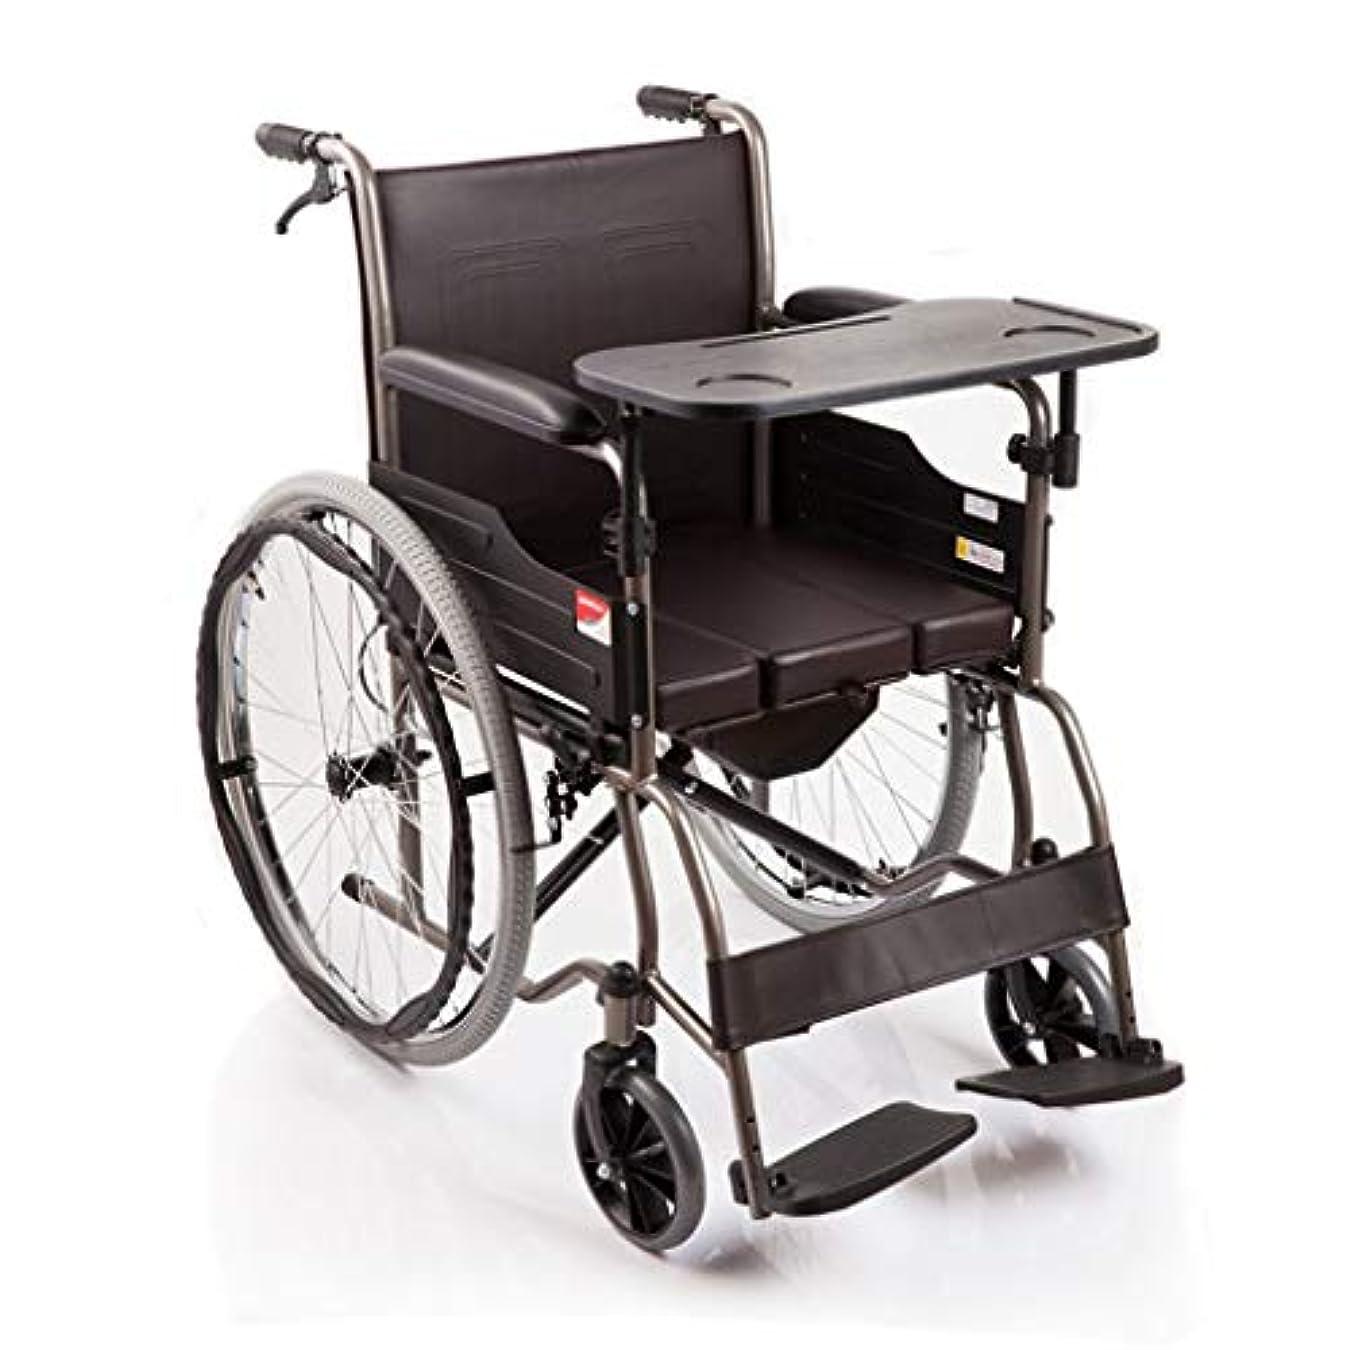 湿度健康的ピルファー手動車椅子シミュレーションレザーシートクッション、多機能車椅子、高齢者用屋外折りたたみ式トイレデザイン車椅子